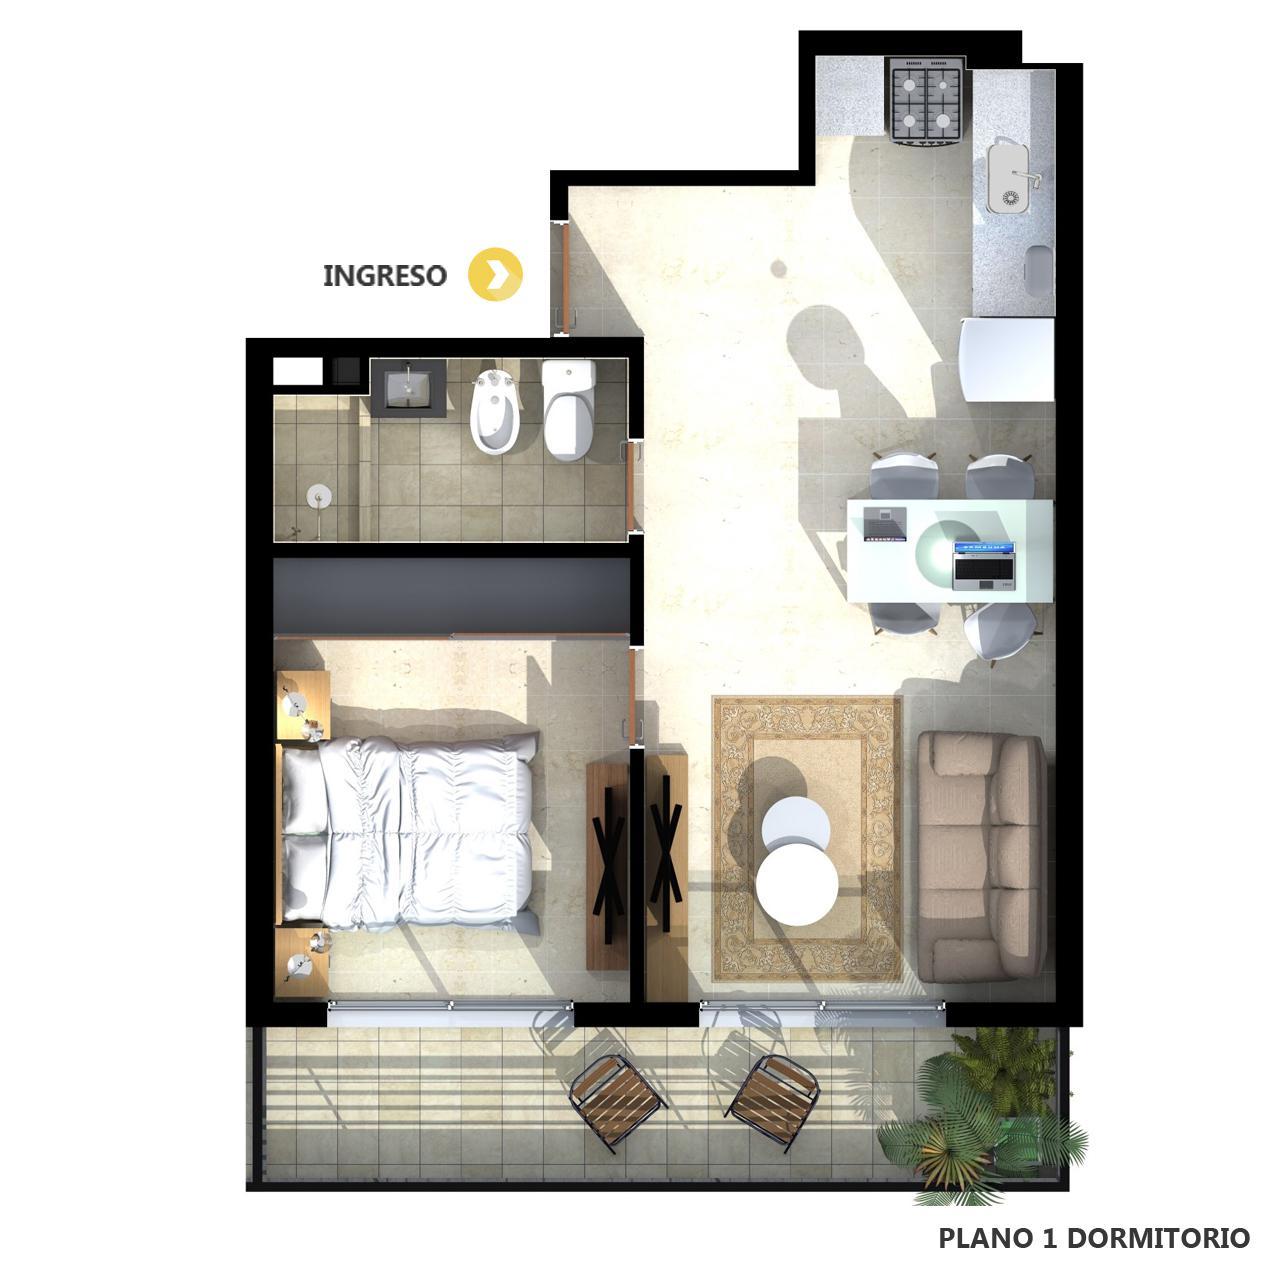 Venta departamento 1 dormitorio Rosario, Parque España. Cod CBU23323 AP2199588. Crestale Propiedades